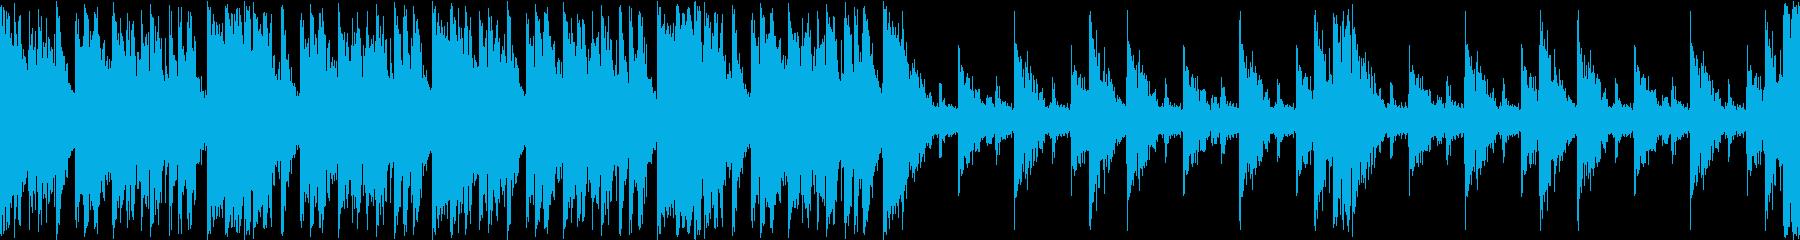 マップ画面・火山・単調ループ・太鼓の再生済みの波形